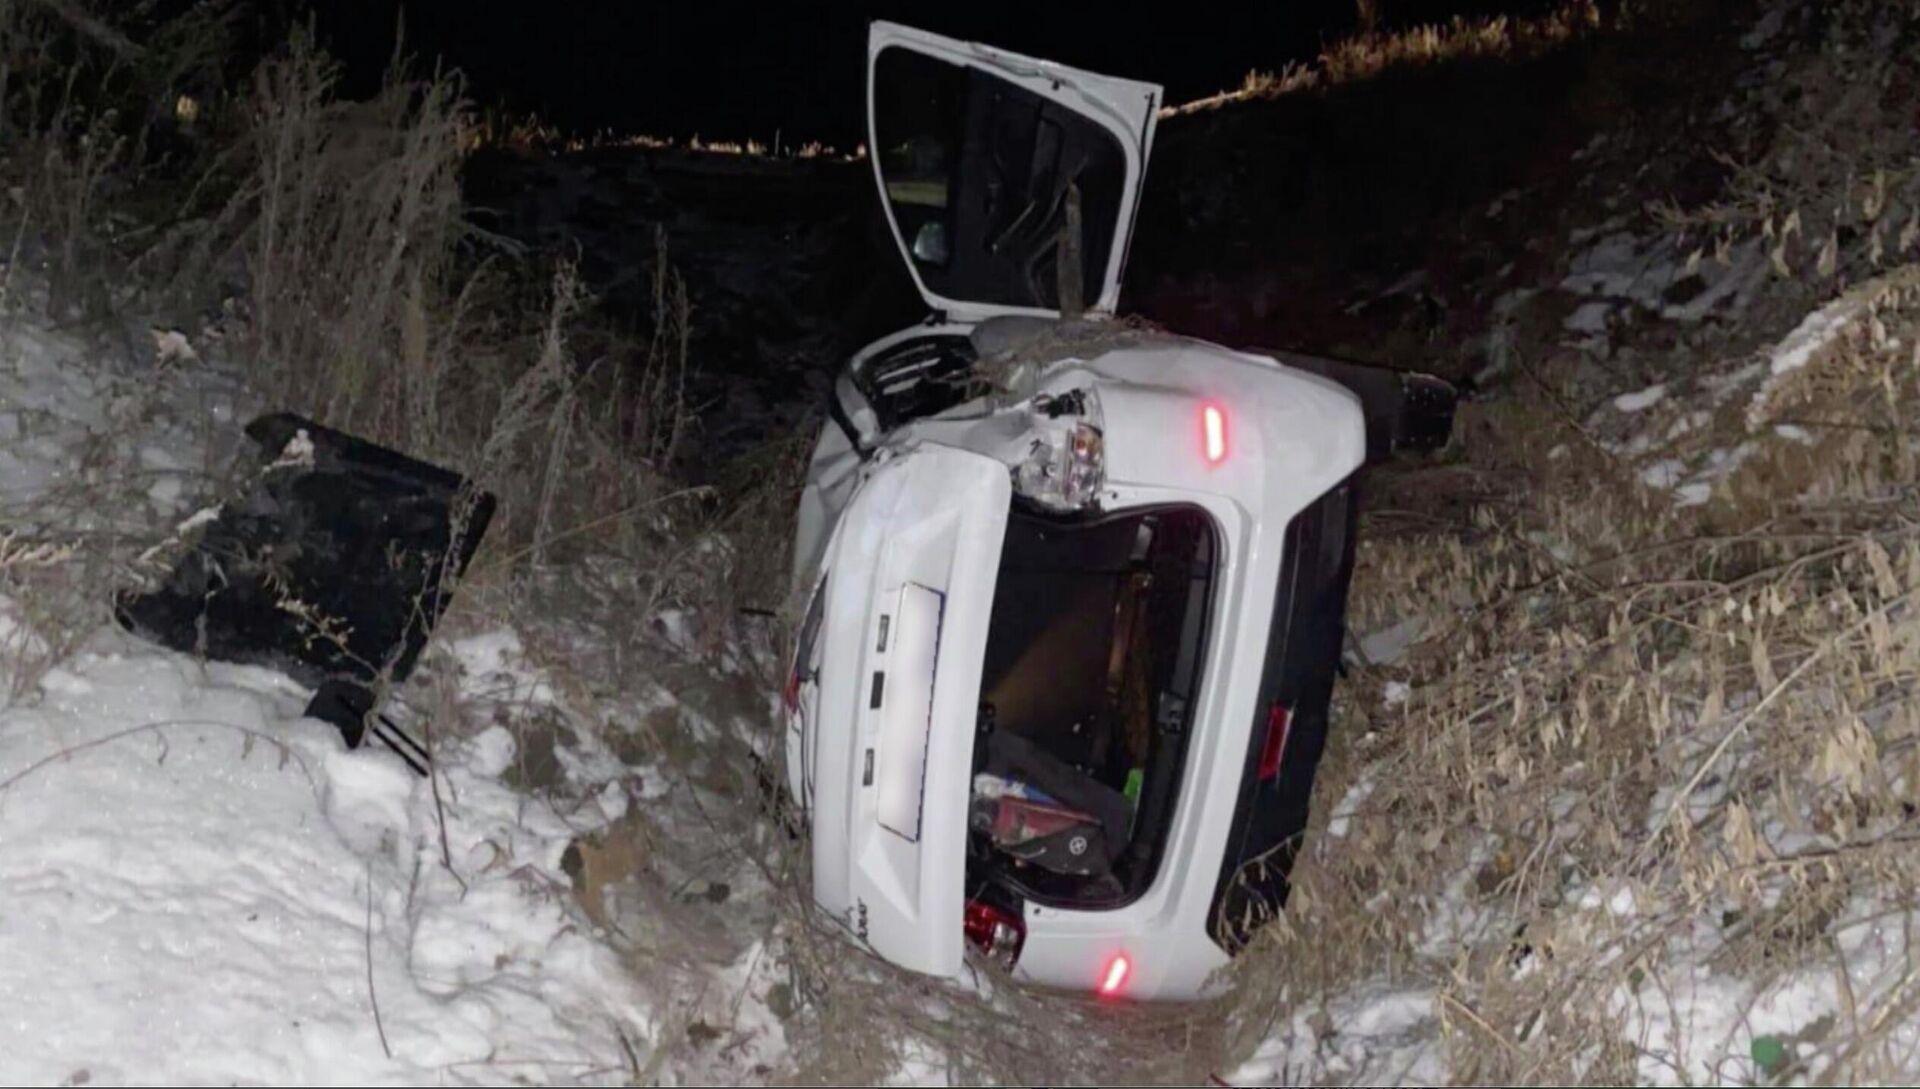 Полицейские под Саратовом спасли водителя автомобиля, упавшего в овраг